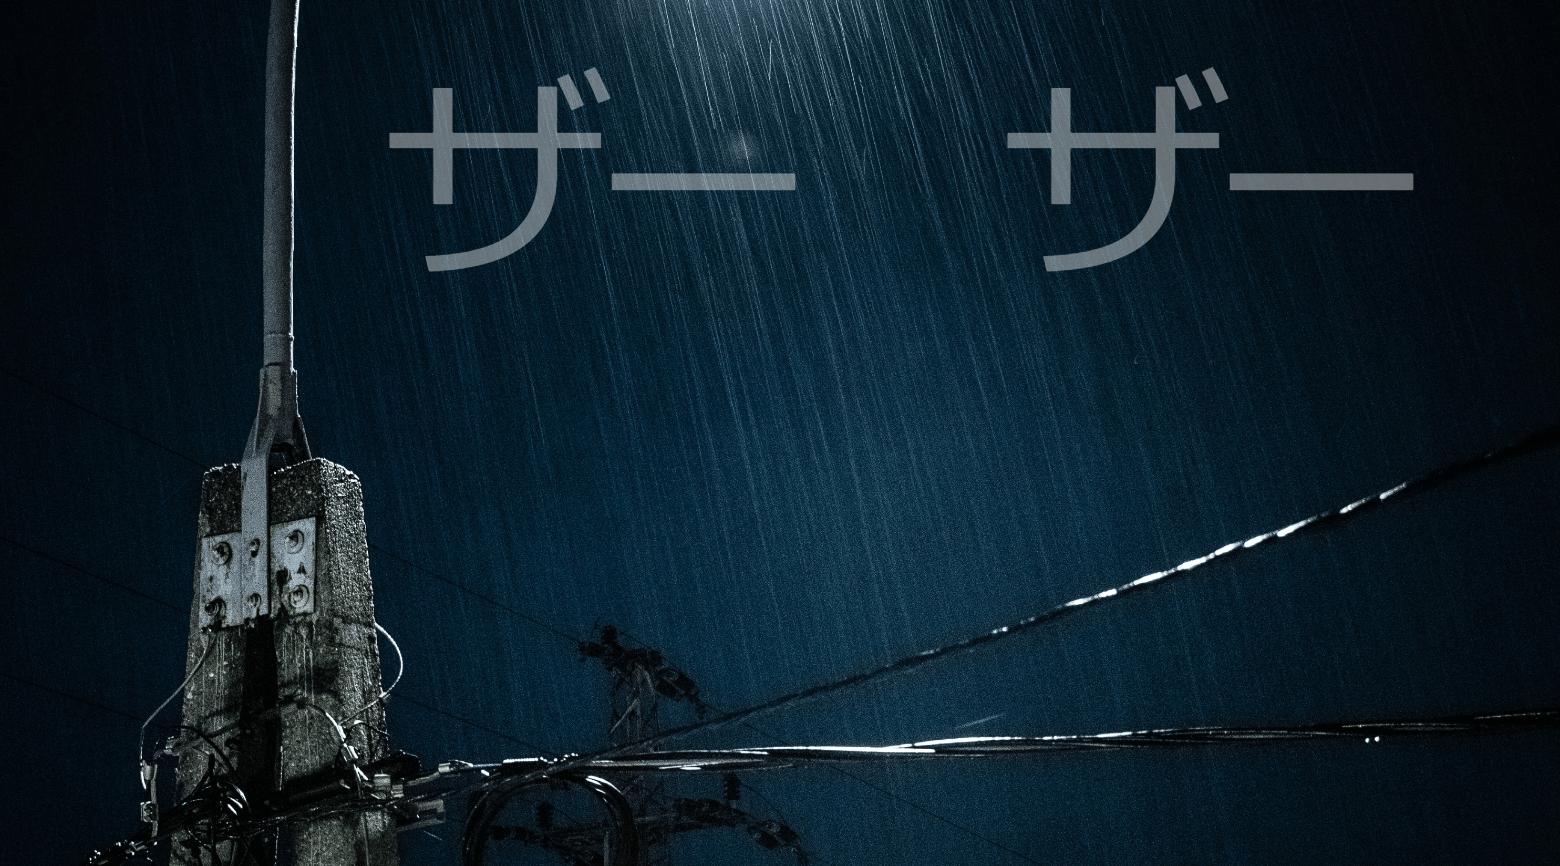 雨がザーザーと降っているオノマトペのイメージ画像です。